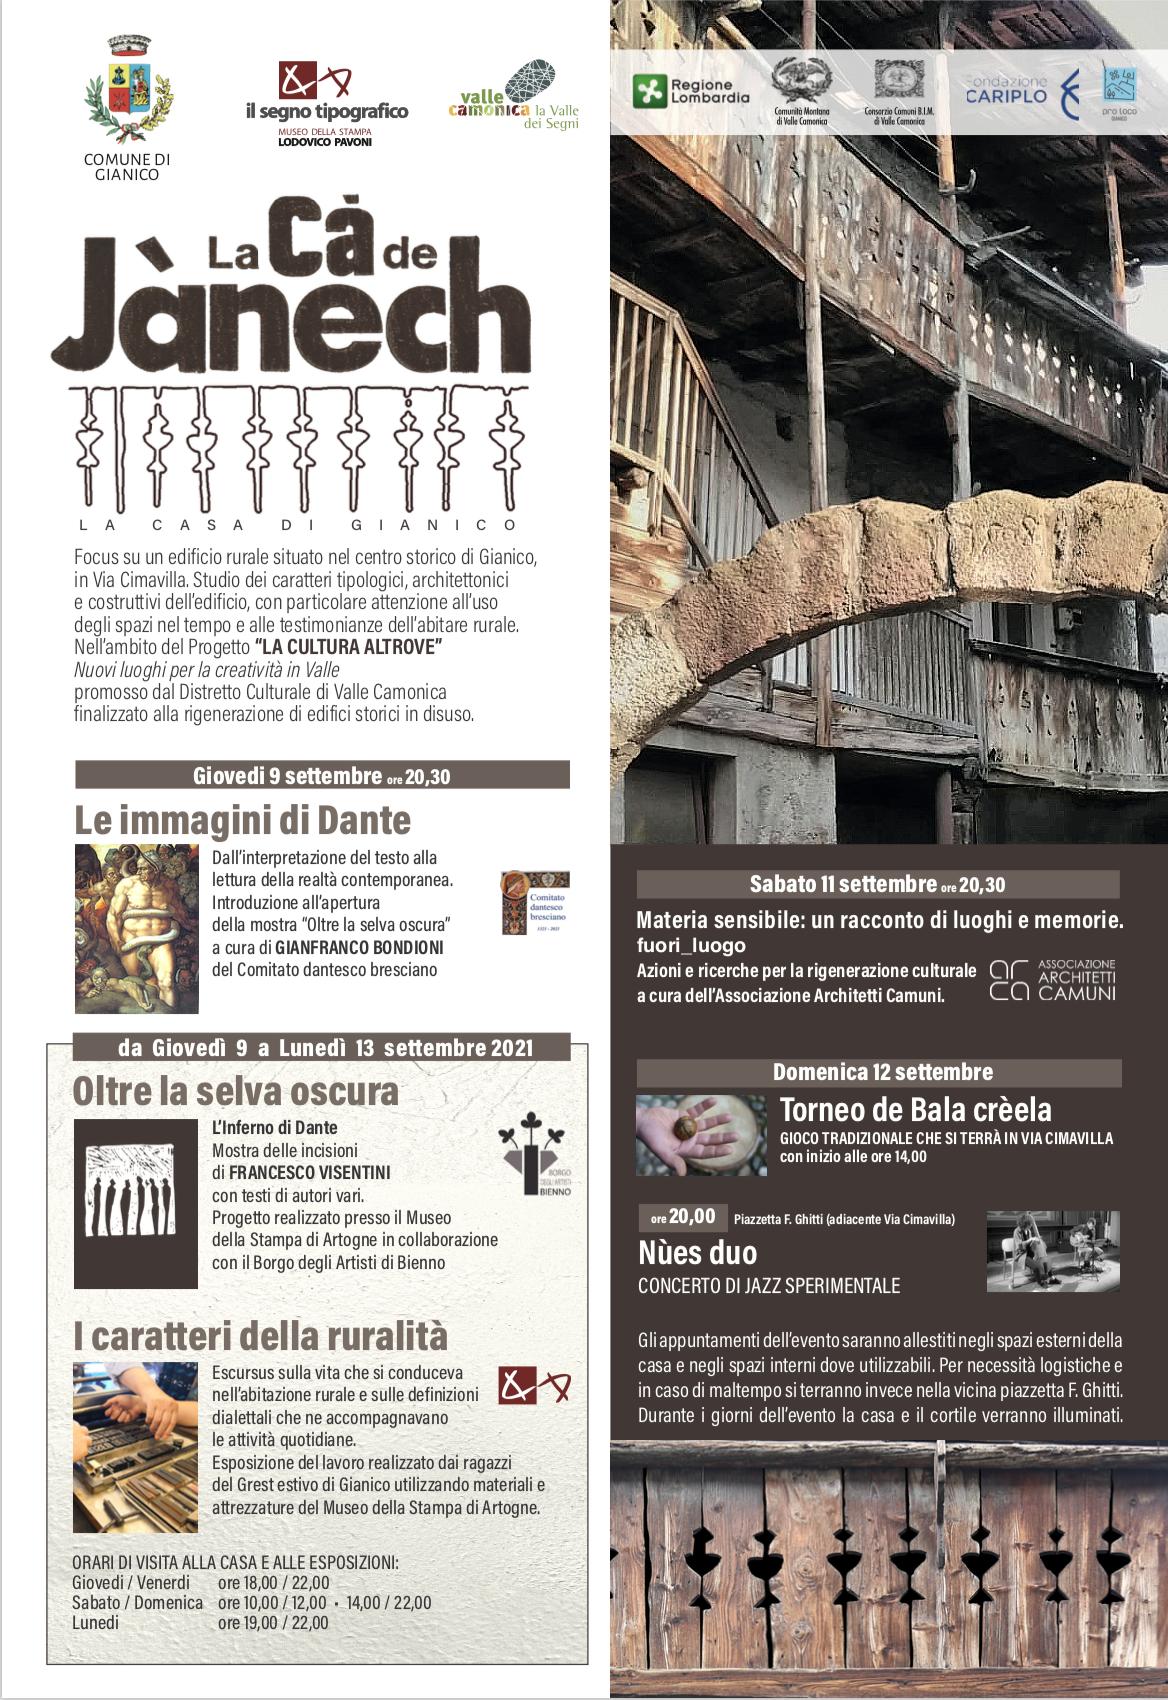 La cà de Jànech - La cultura altrove - Valle Camonica - Gli eventi